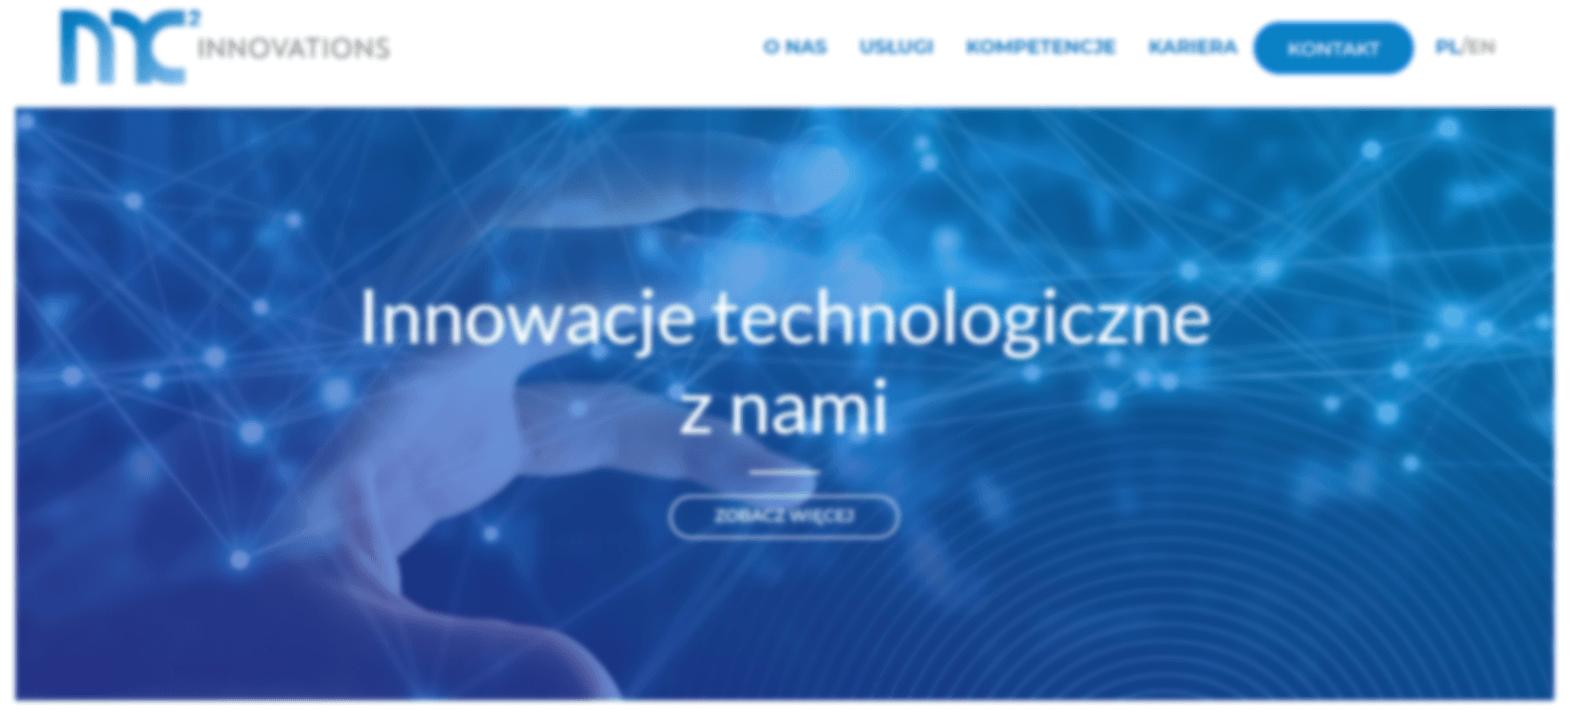 Firma byłej minister cyfryzacji, Anny Streżyńskiej, potrzebuje 700 tysięcy złotych. W tym celu sprzedaje akcje 21